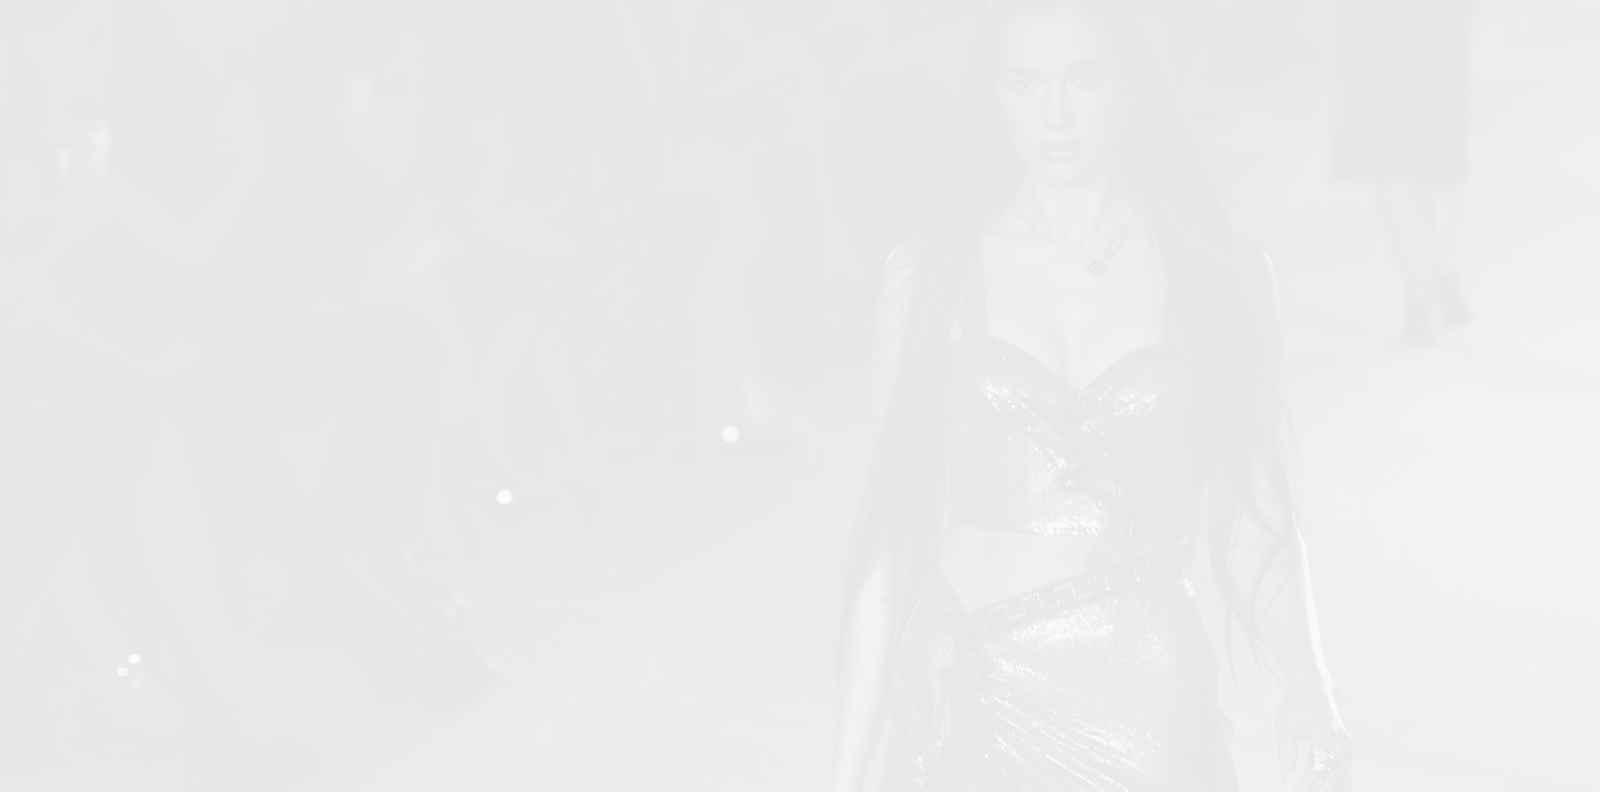 Все още мислим за runway дебюта на Дуа Липа